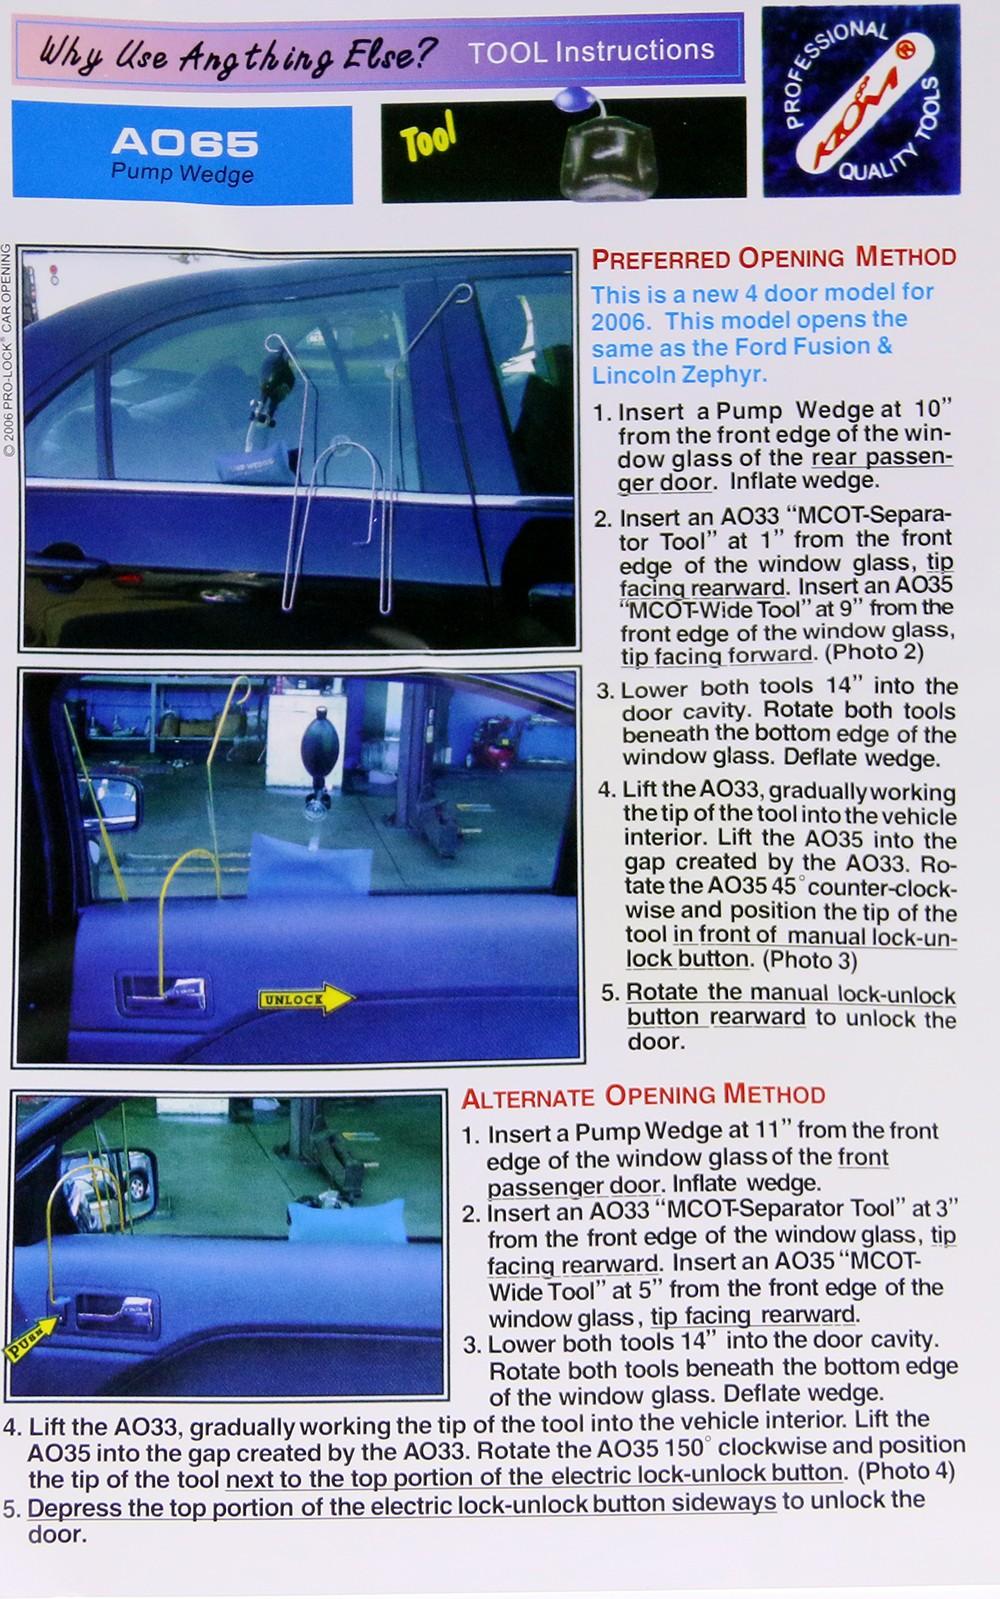 Купить Бесплатная Доставка KLOM Насос Клин Инструменты Locksmith Авто Воздуха Клин Воздуха сумка Отмычку Набор Открыть Замок Двери Автомобиля Авто Подъезд Инструменты дешево